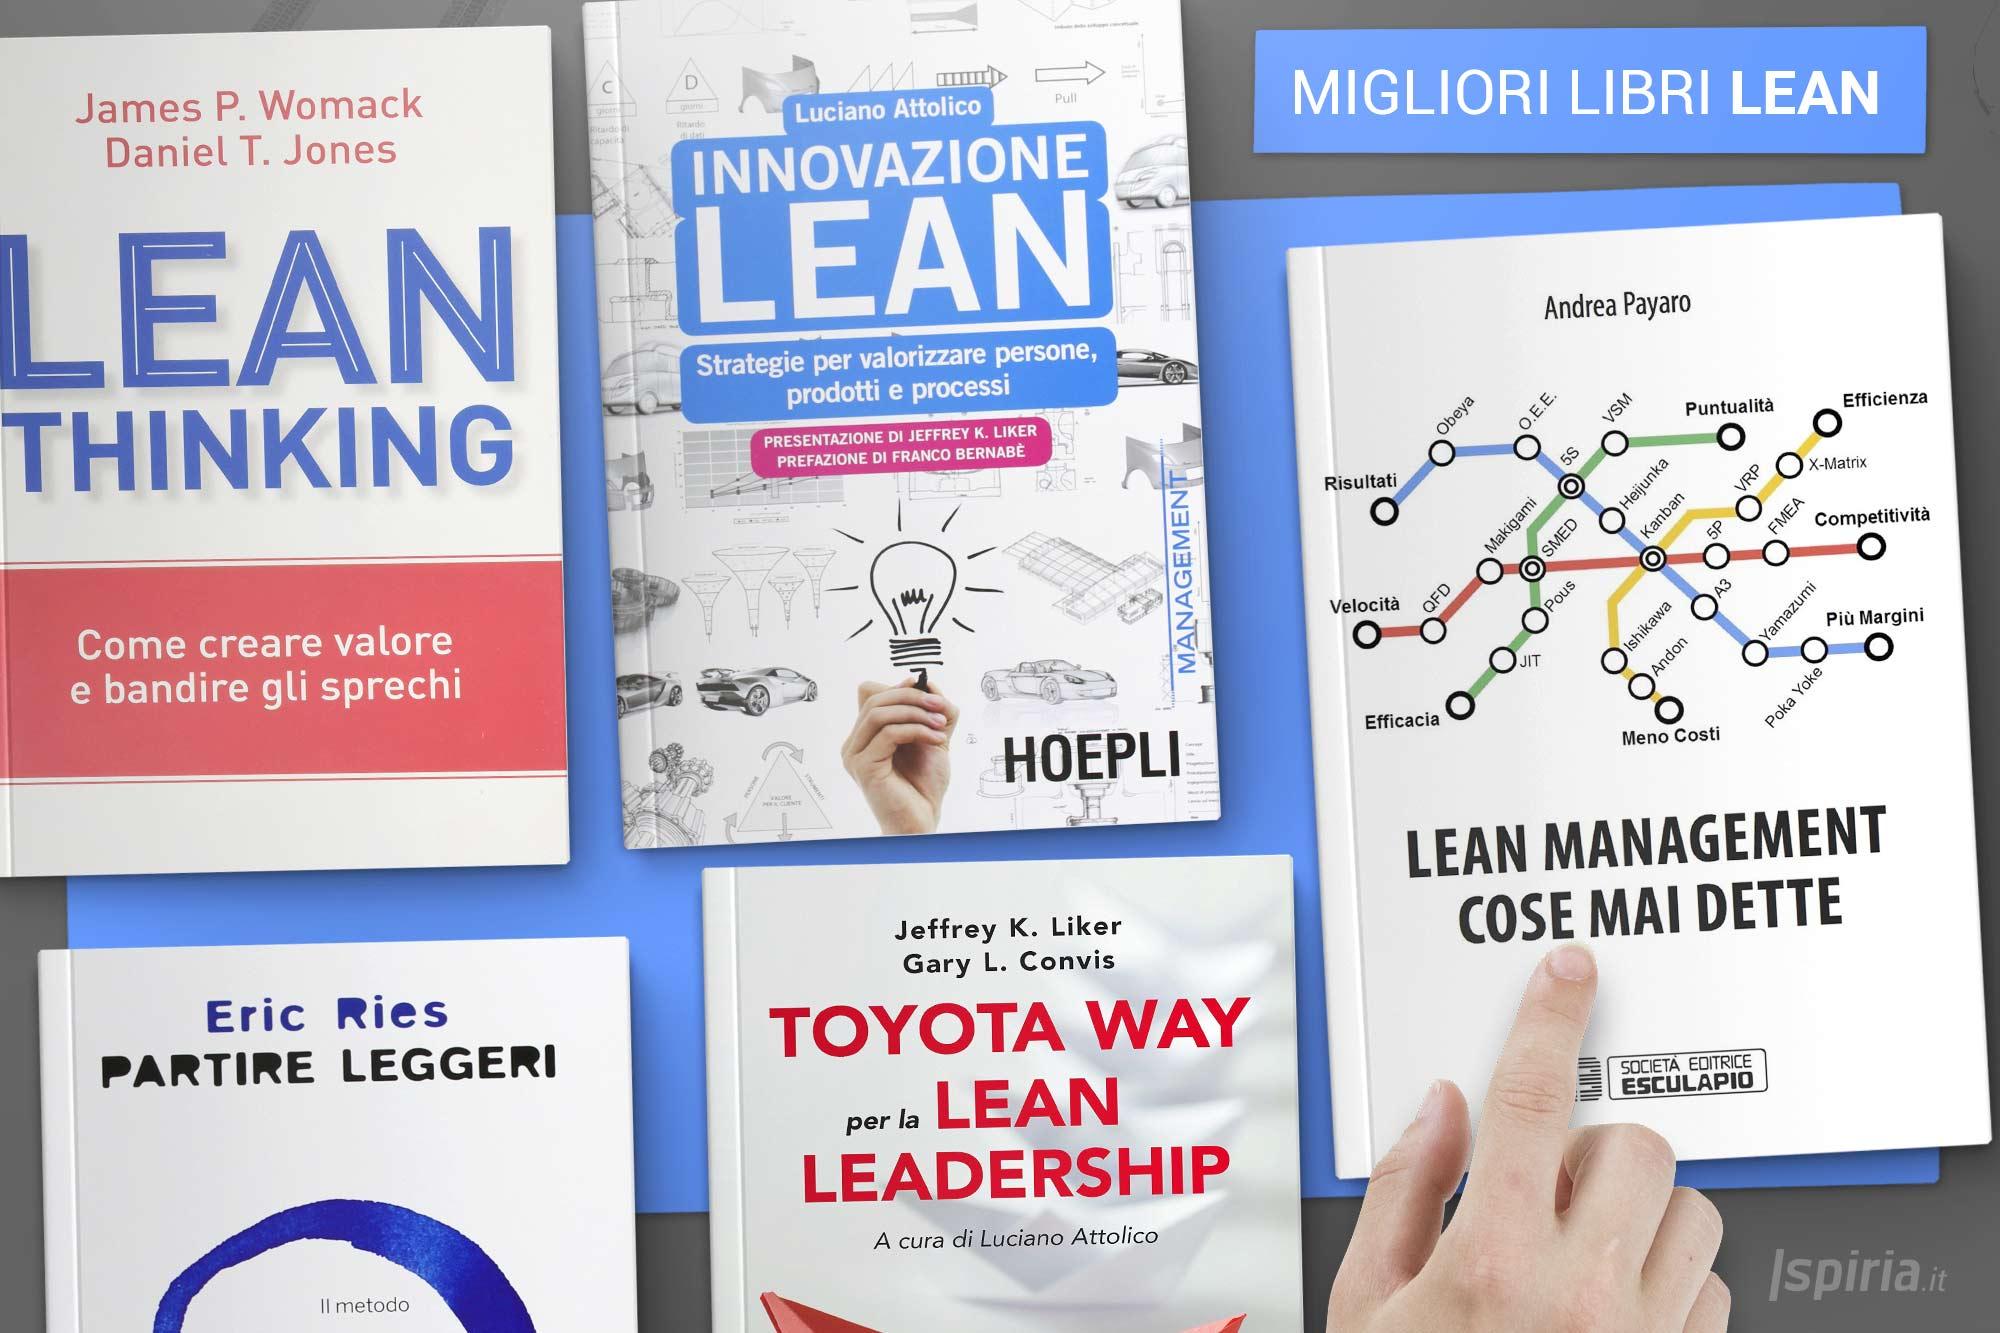 Migliori Libri Sulla Lean | Libri Da Leggere Lean Thinking E Management